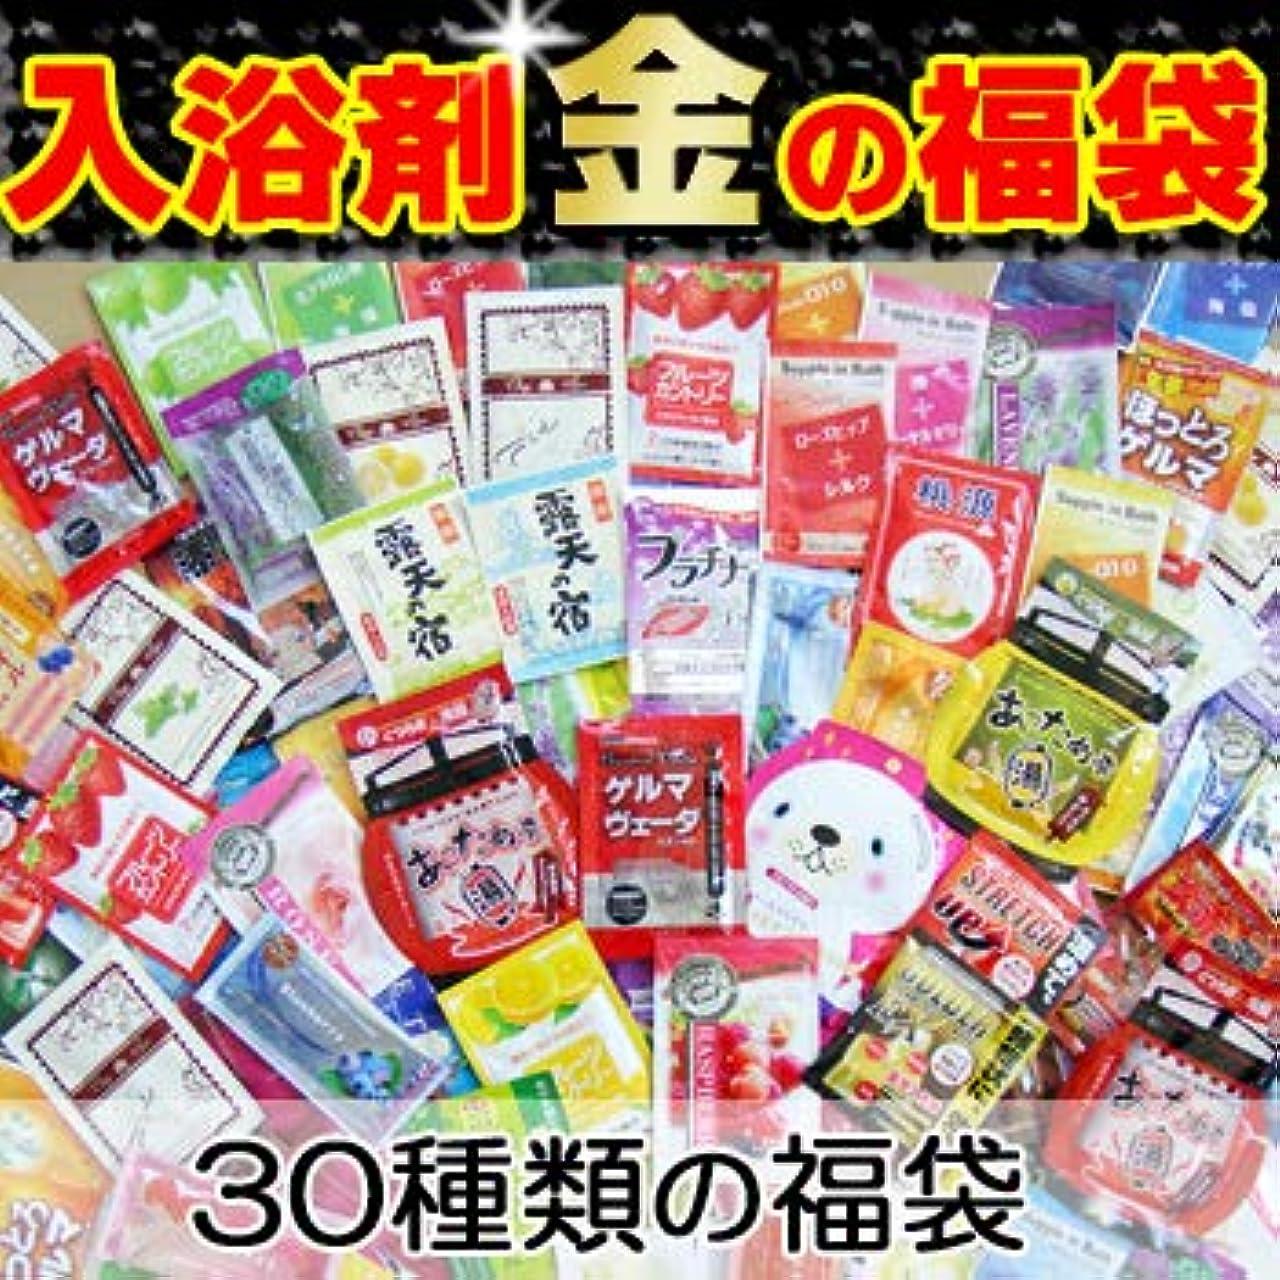 騙すクライアントオーロックお試し入浴剤 金の福袋30種類!30日分 入浴剤福袋 安心の日本製!